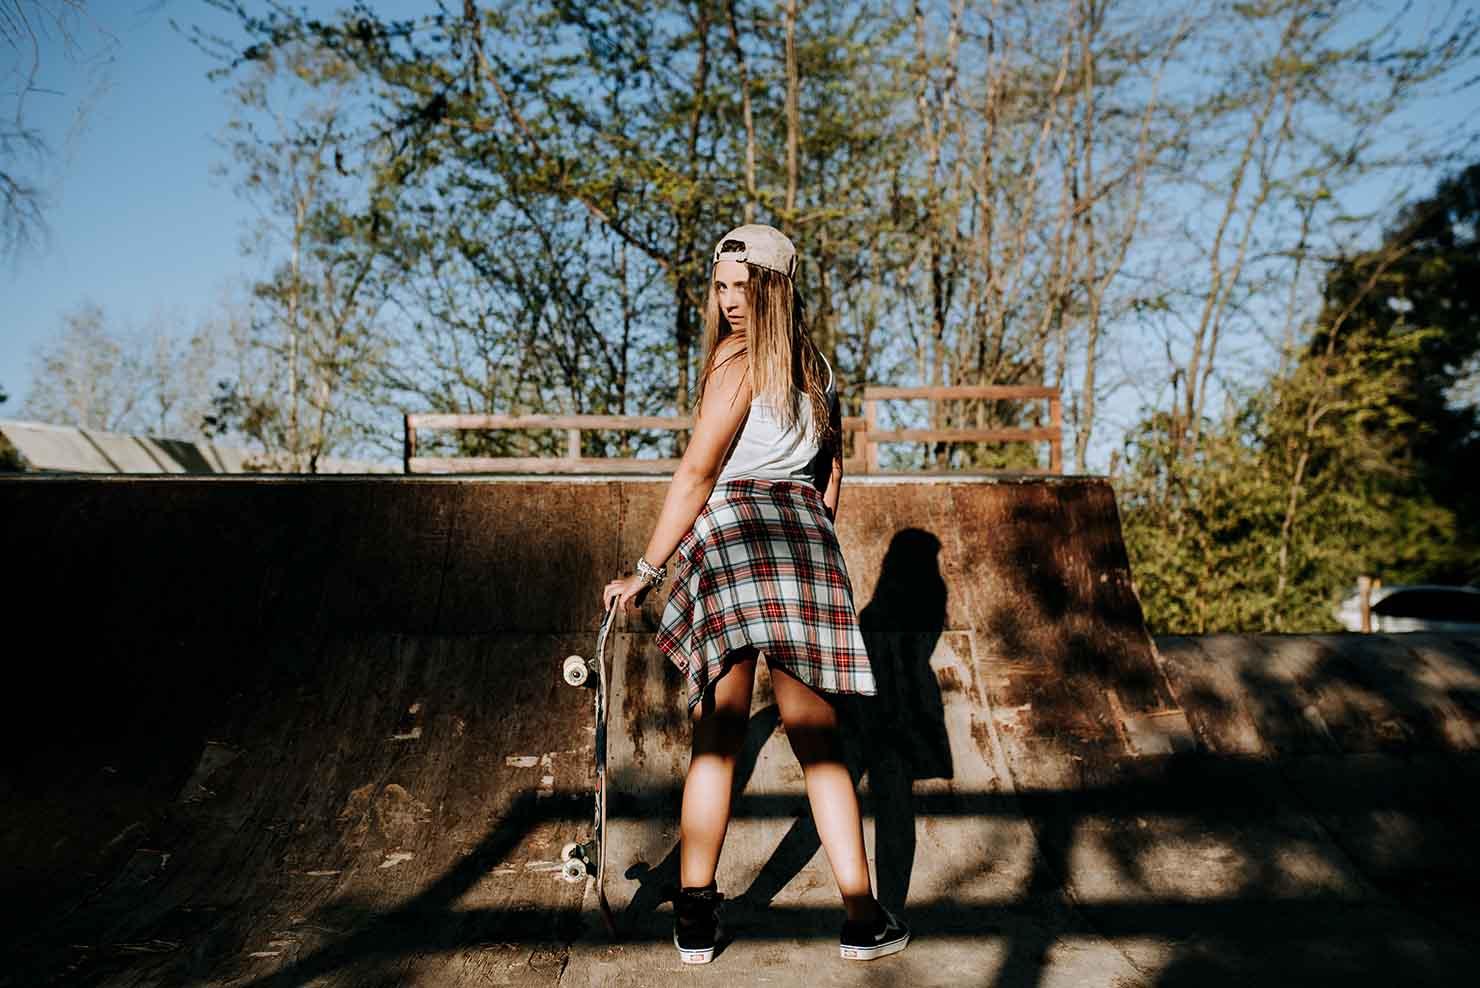 Fotos del book de XV de Chiara Serra en Pilar realizadas por Bucle Fotografias Flor Bosio y Caro Clerici